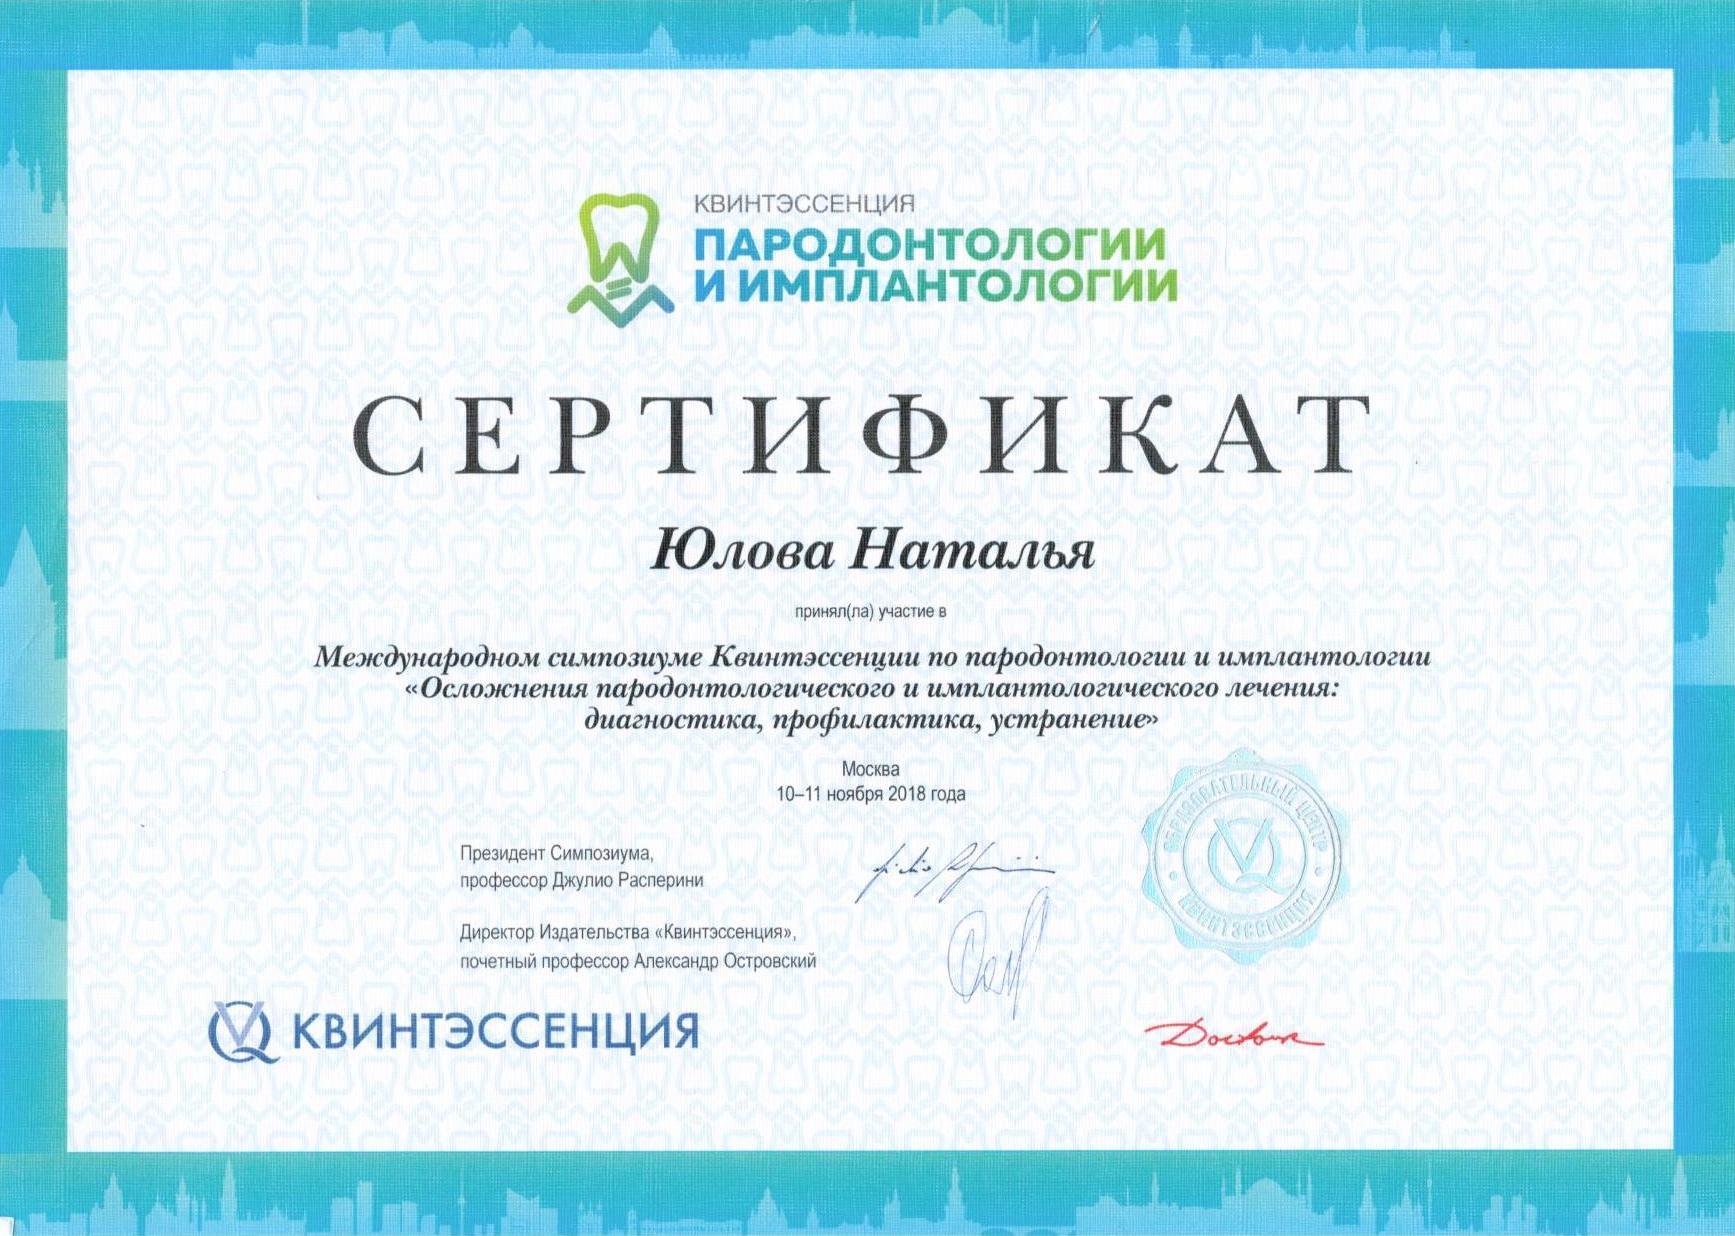 Сертификат Юлова (ноябрь 2018)